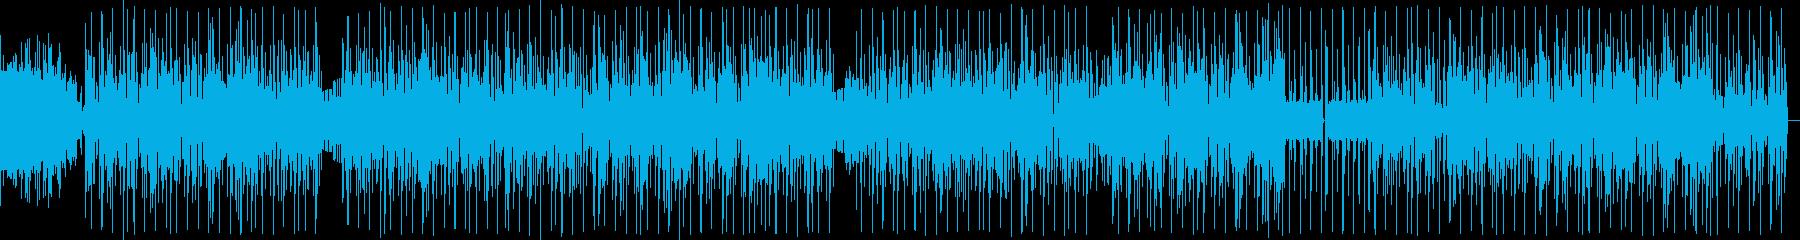 人気のある電子機器 レトロ ポジテ...の再生済みの波形